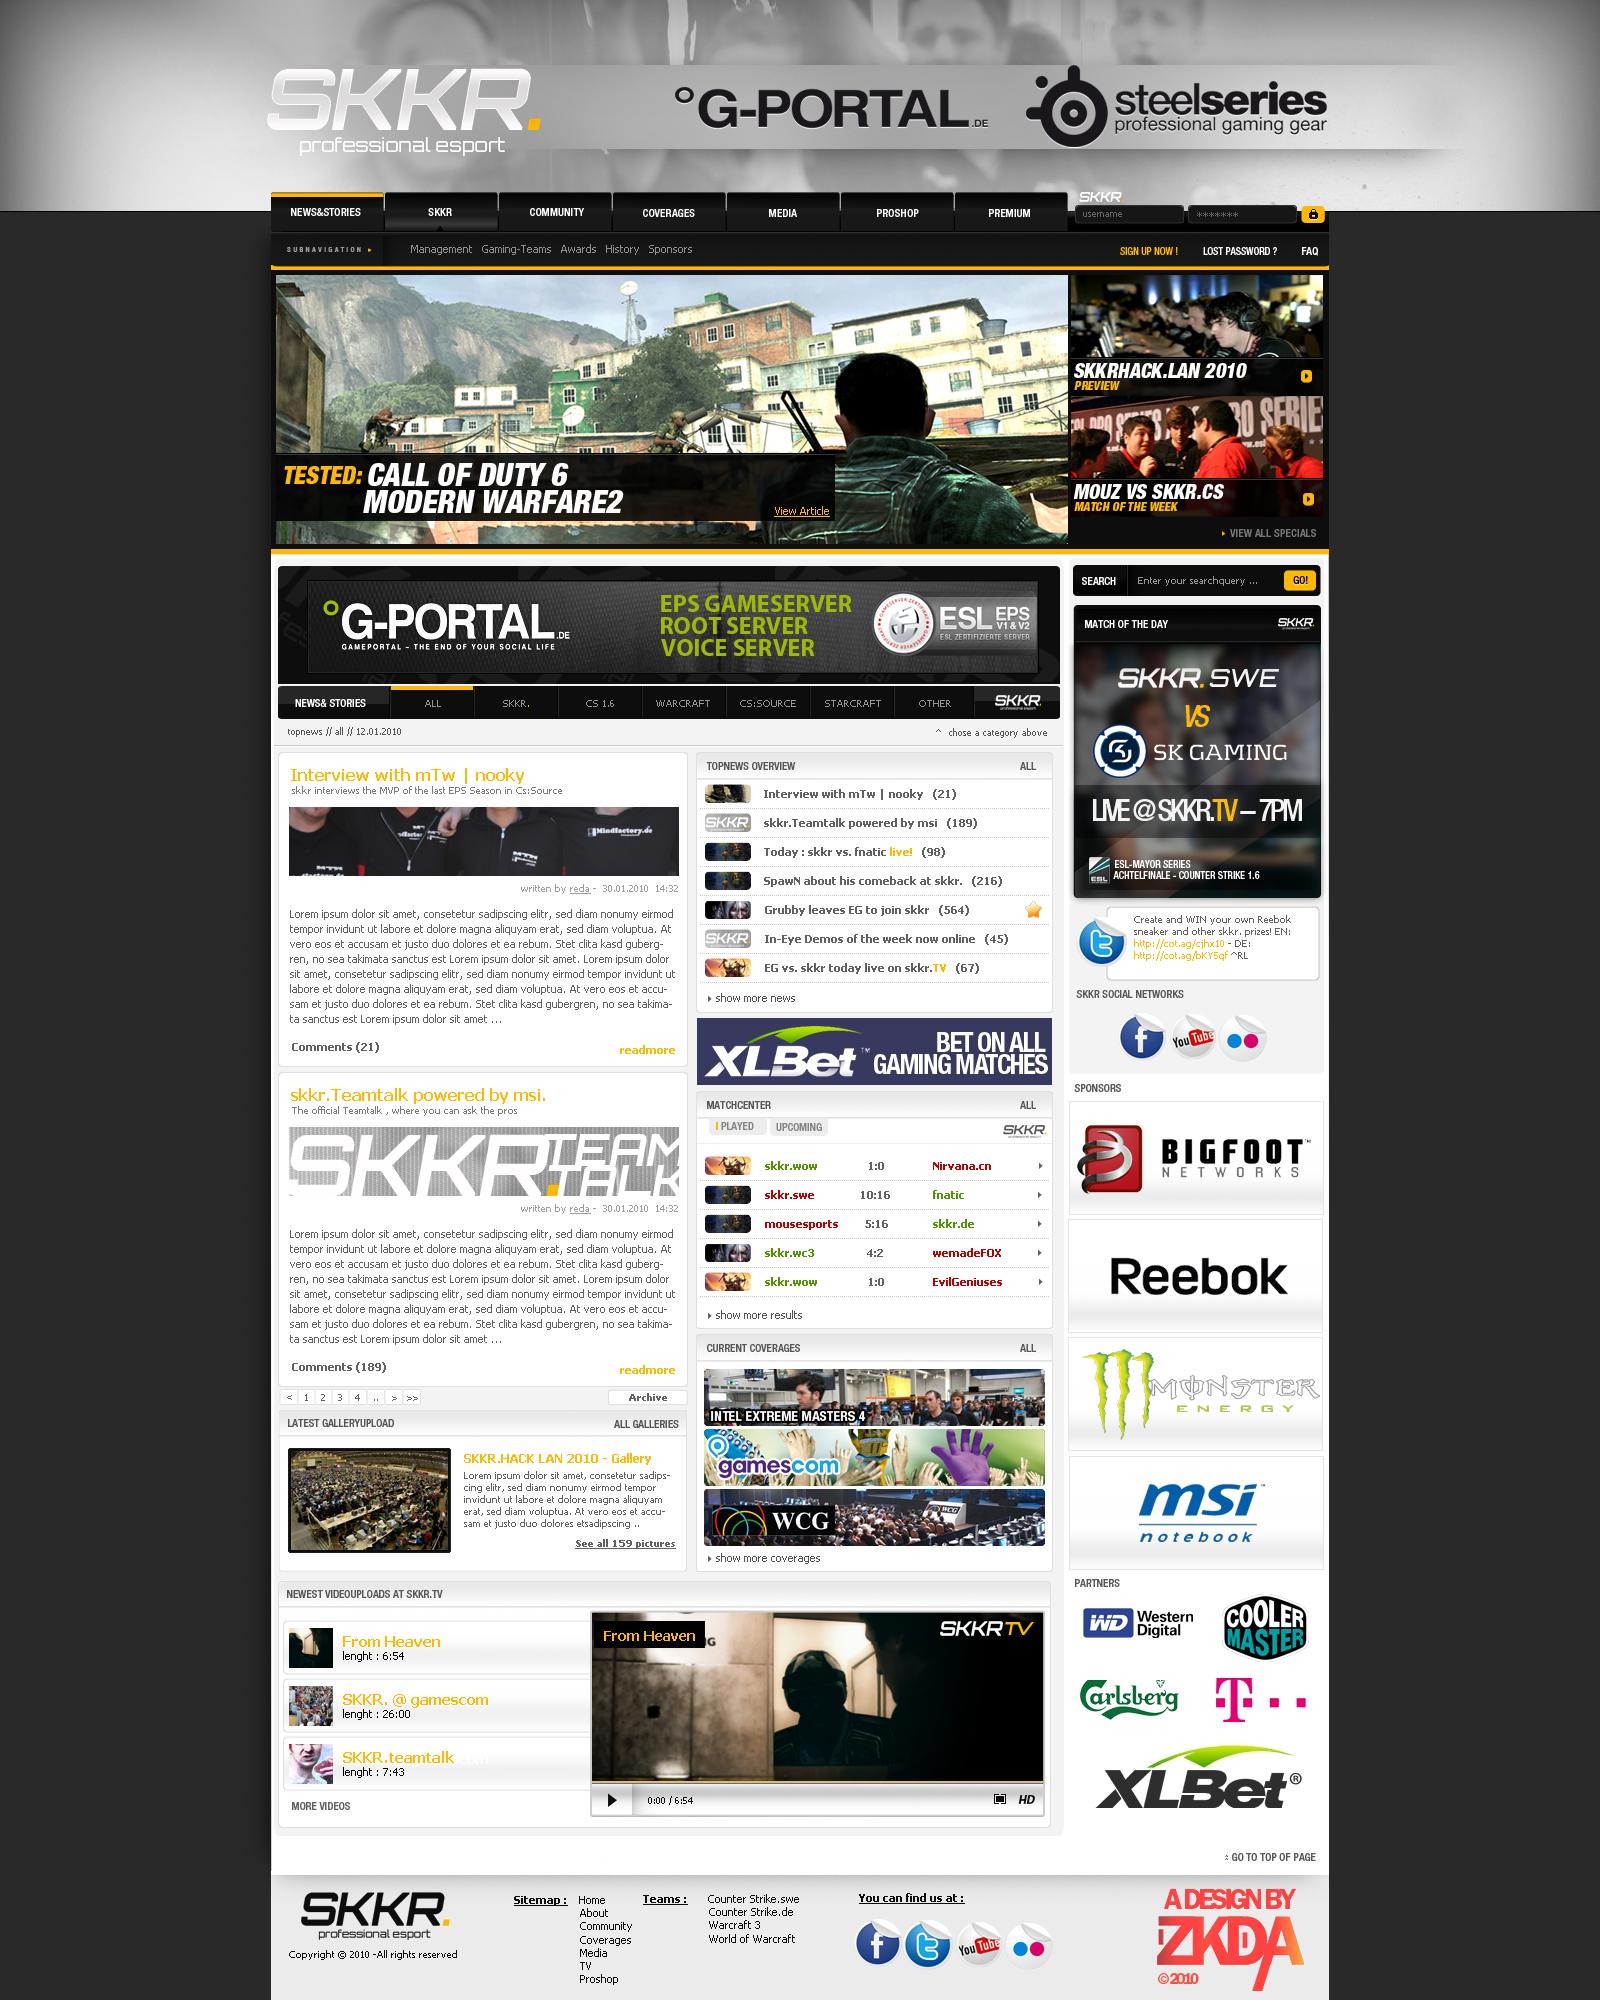 skkr. gamingdesign_updated by zARTs